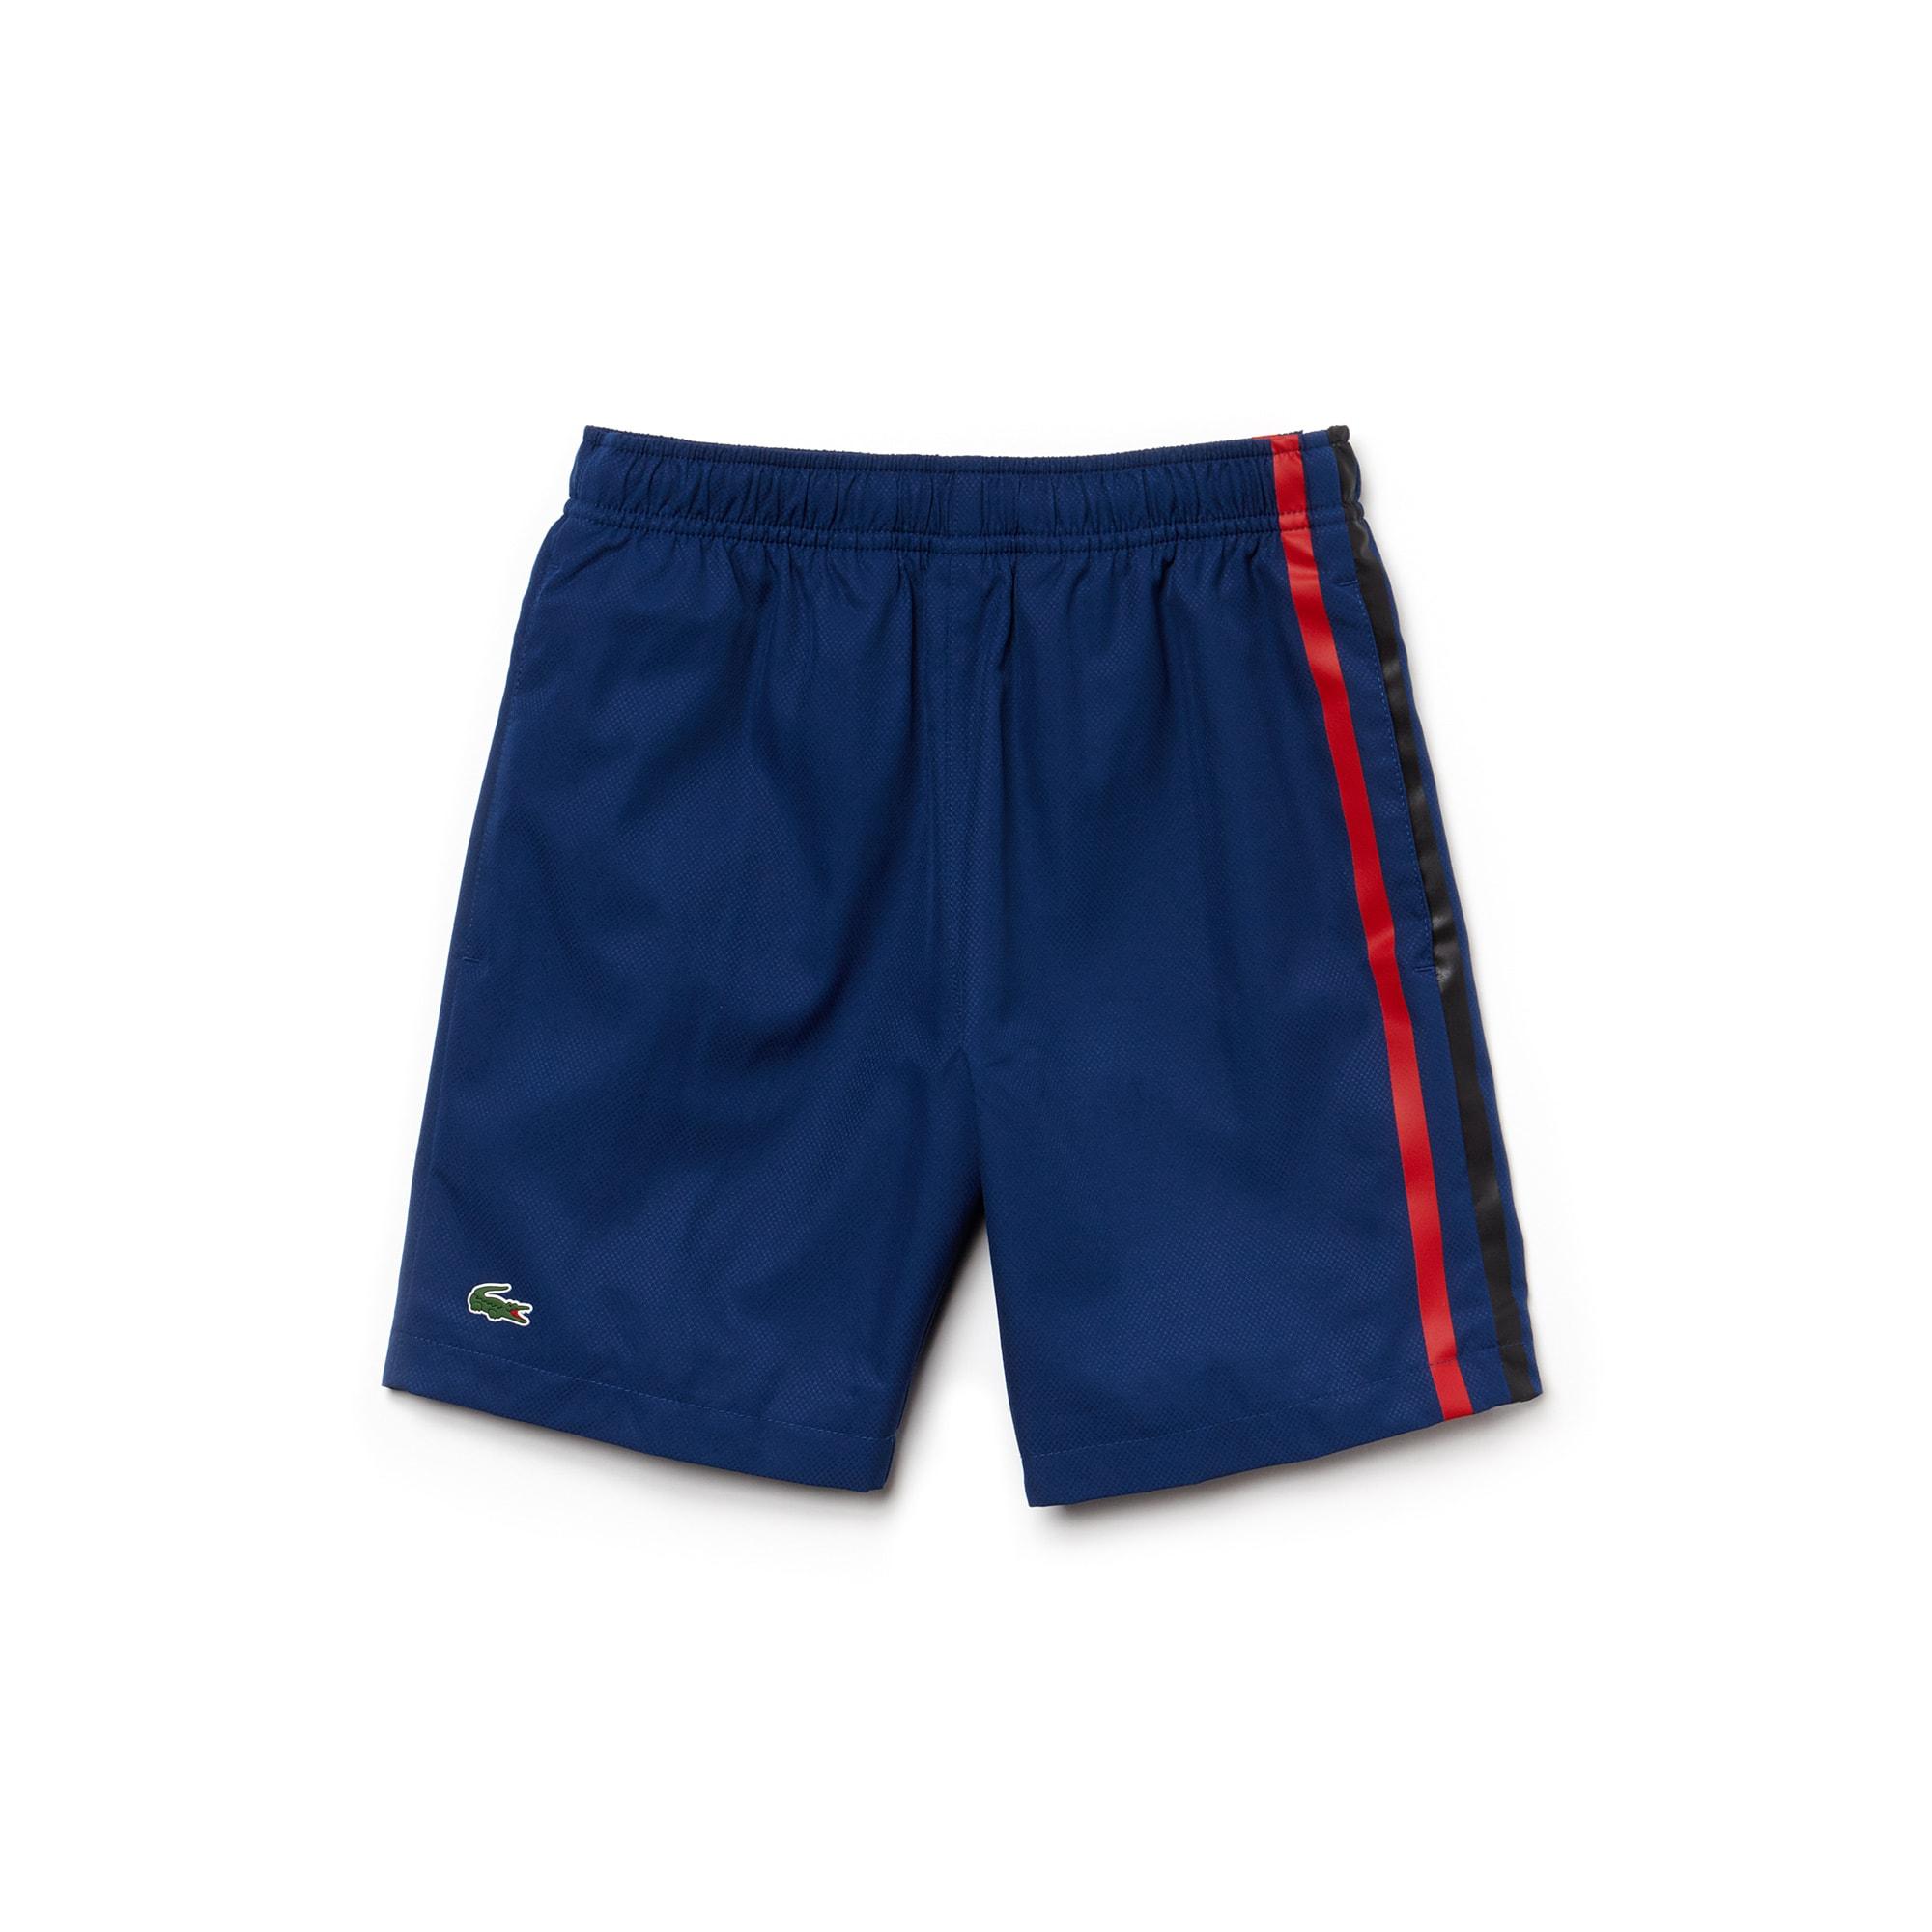 Pantaloncini Bambino Tennis Lacoste SPORT in taffetà con fasce colorate